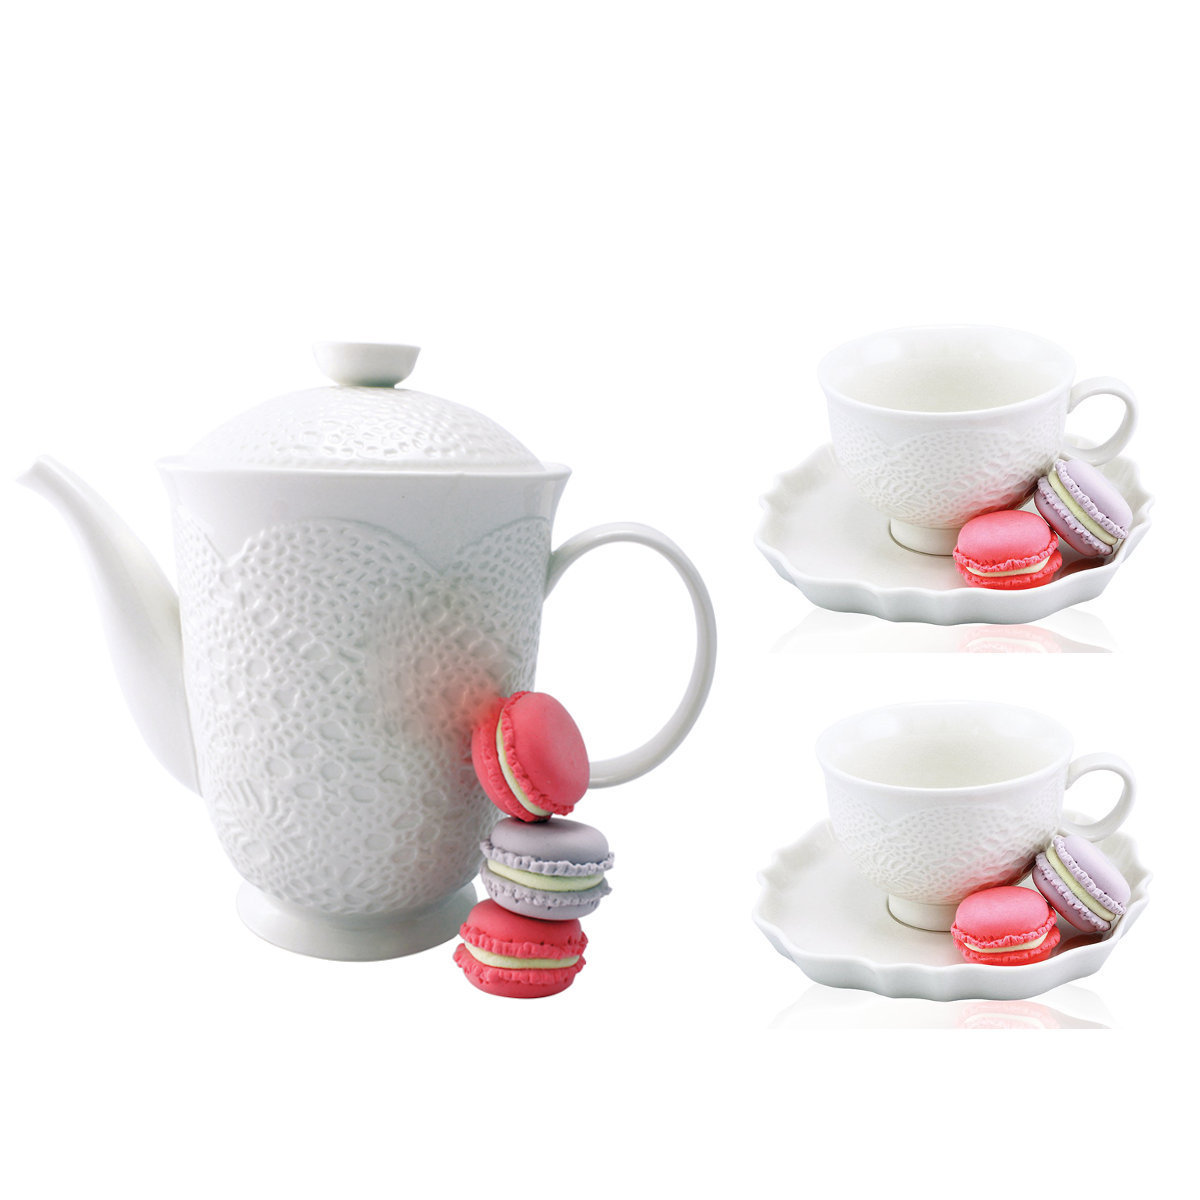 白色立體古典蕾絲茶壺1個 + 白色立體古典蕾絲茶杯及茶杯碟2套